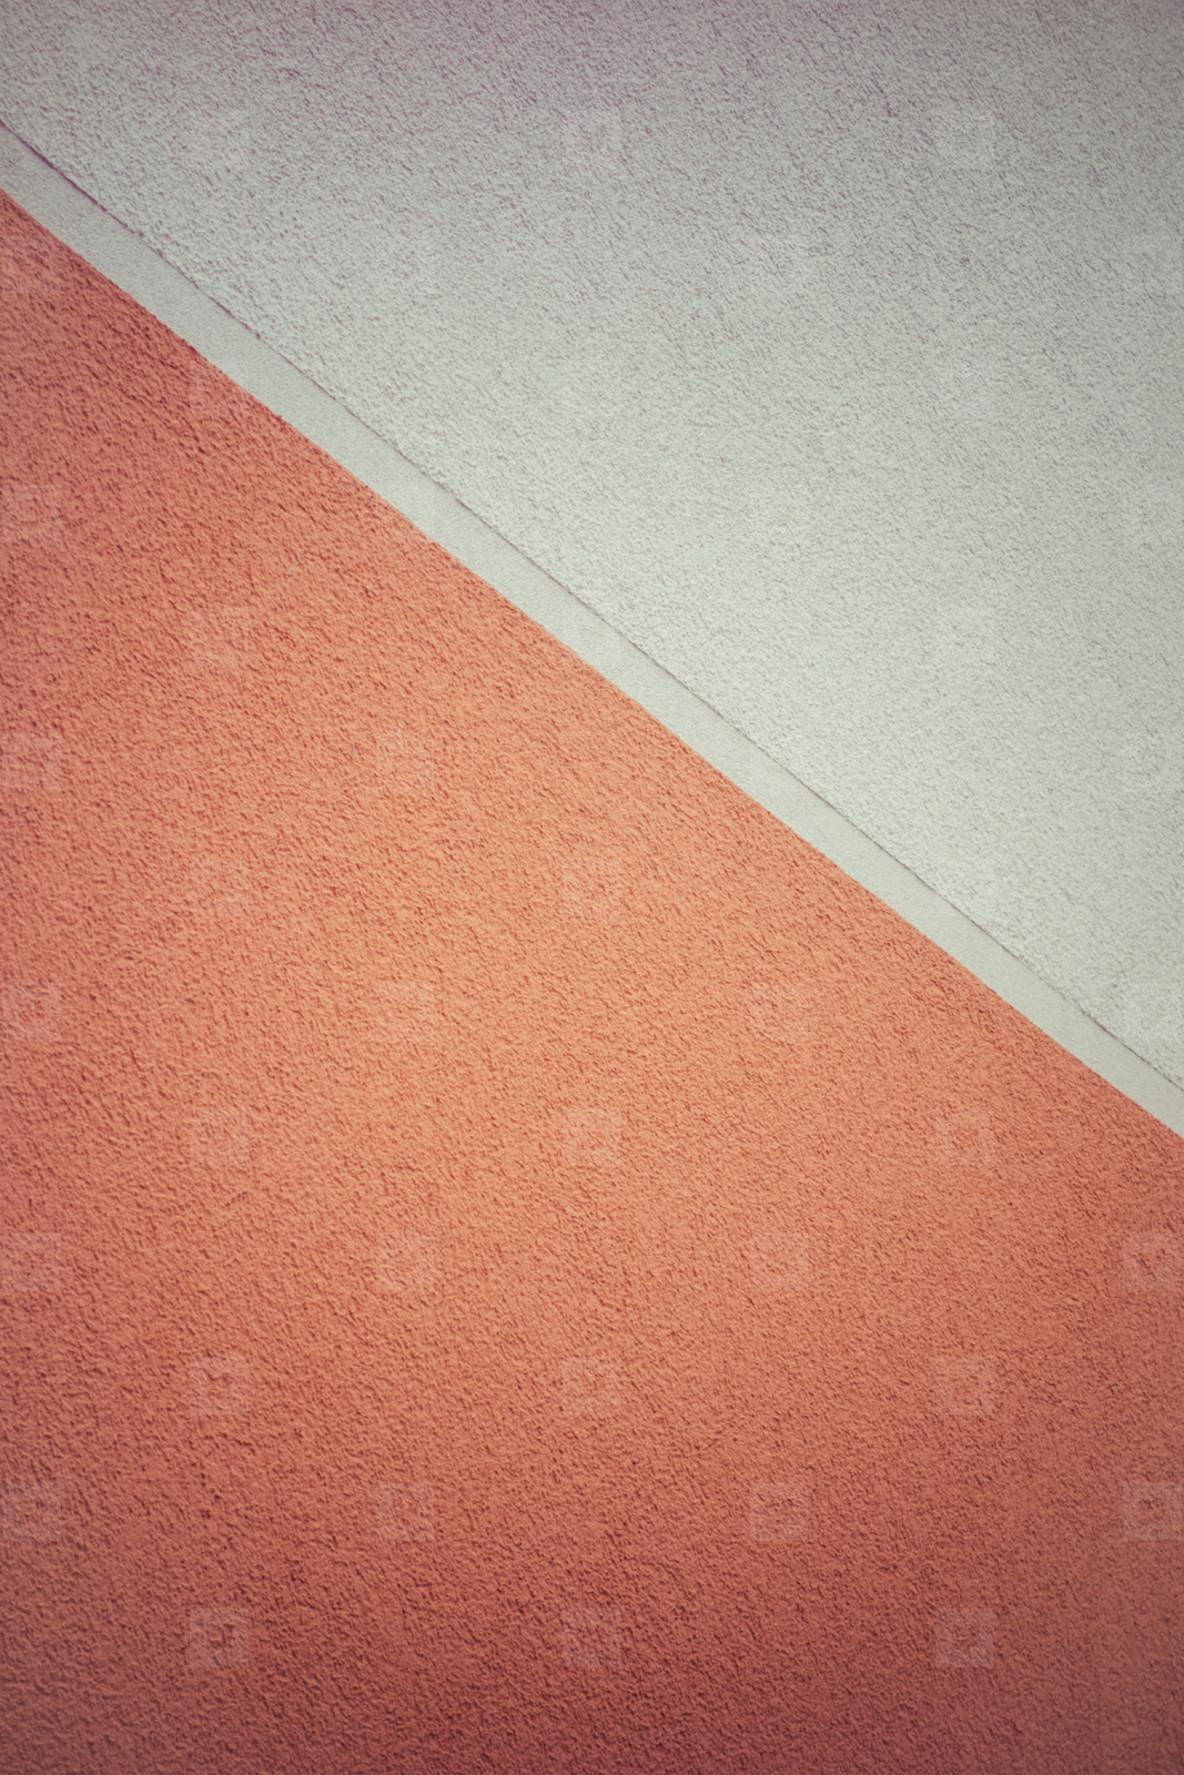 walldesign